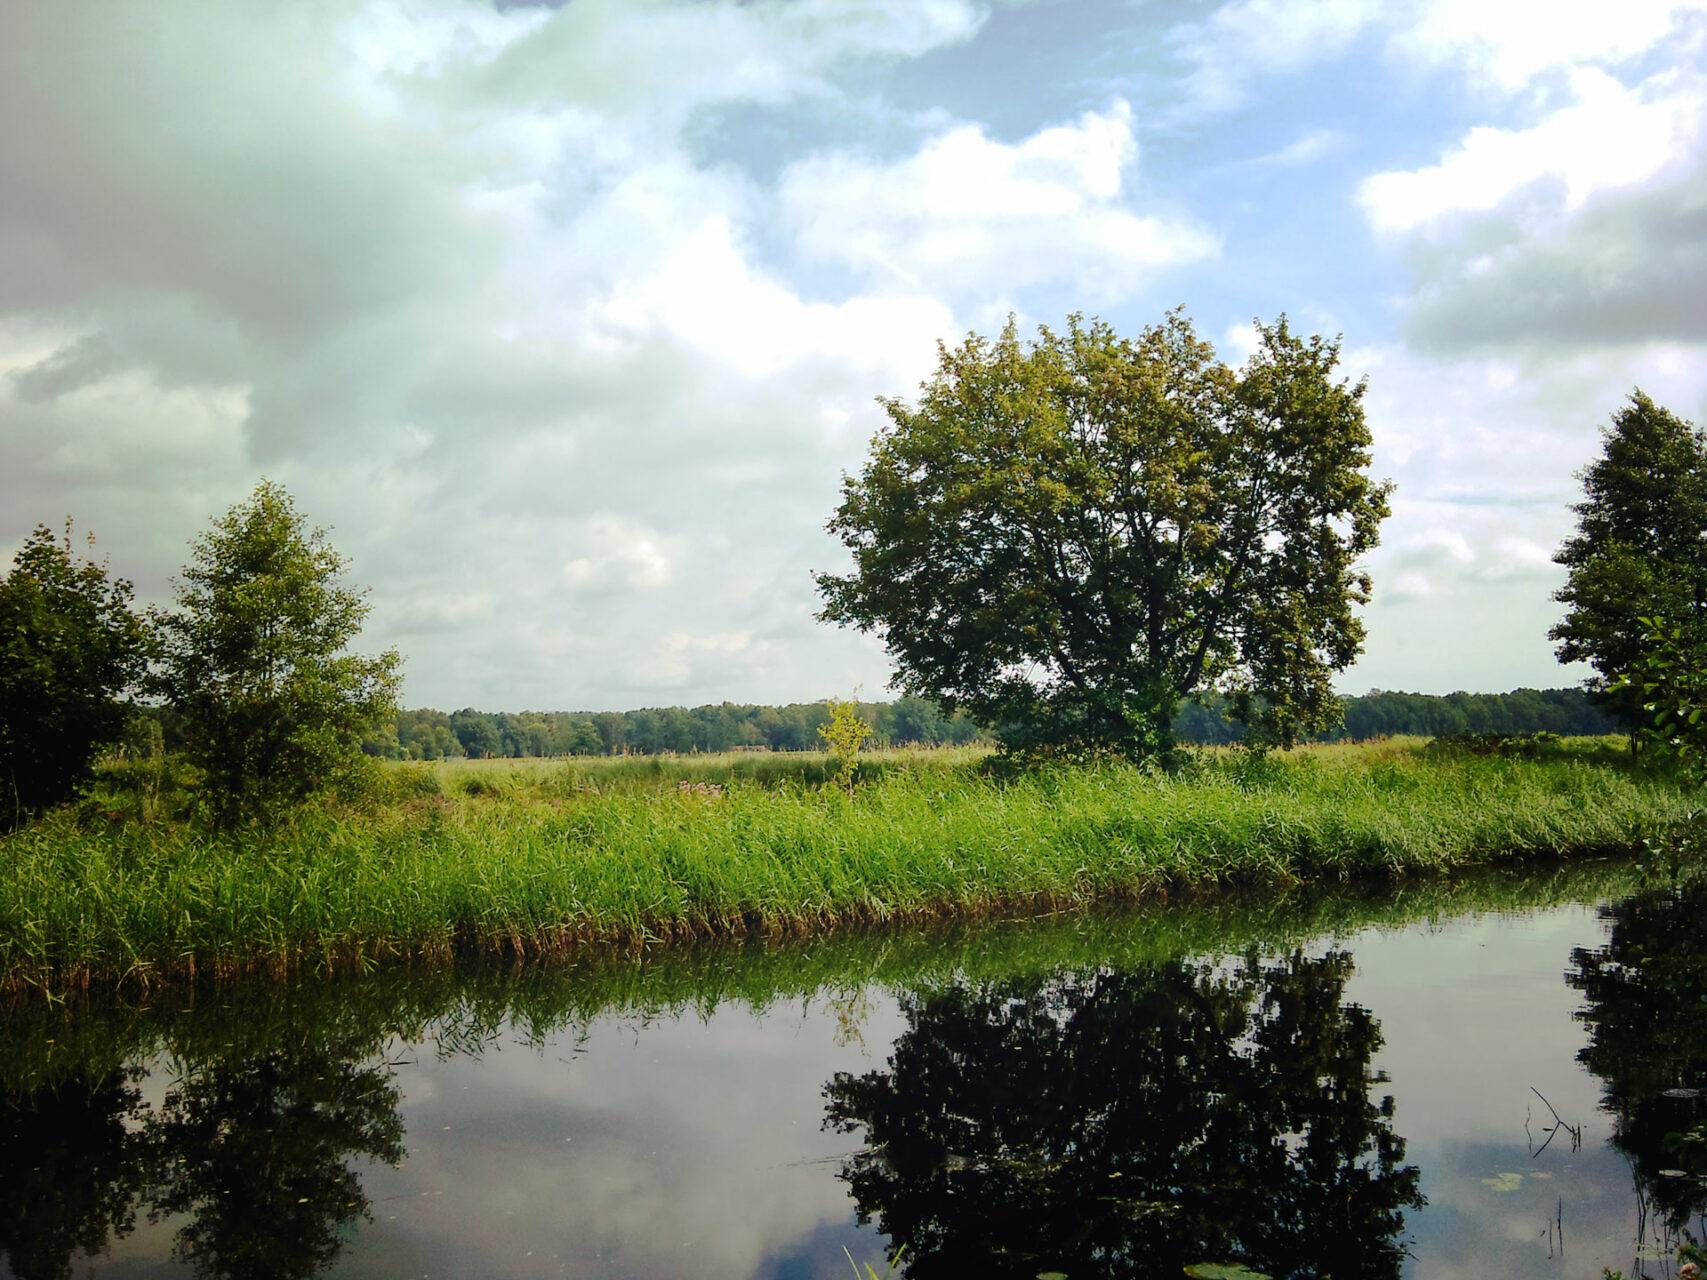 A bissel Wasser, ein oder zwei Bäume, fertig ist das romantische Bild der Barnimer Landschaft. Hätte CDF nicht besser hinbekommen...